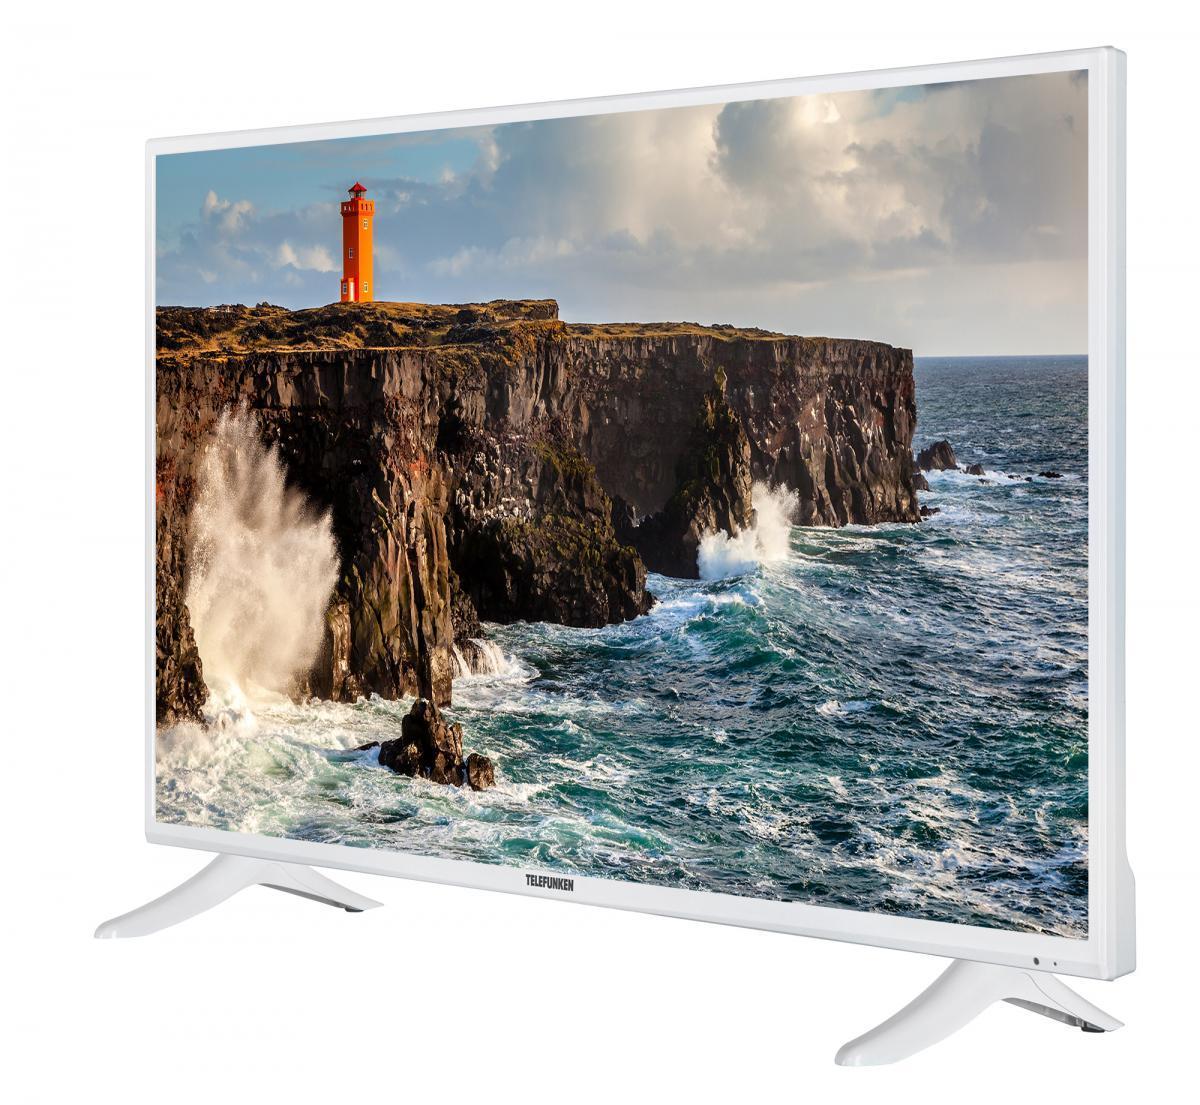 """Bild 3 von Telefunken LED TV 40"""" (102 cm)"""